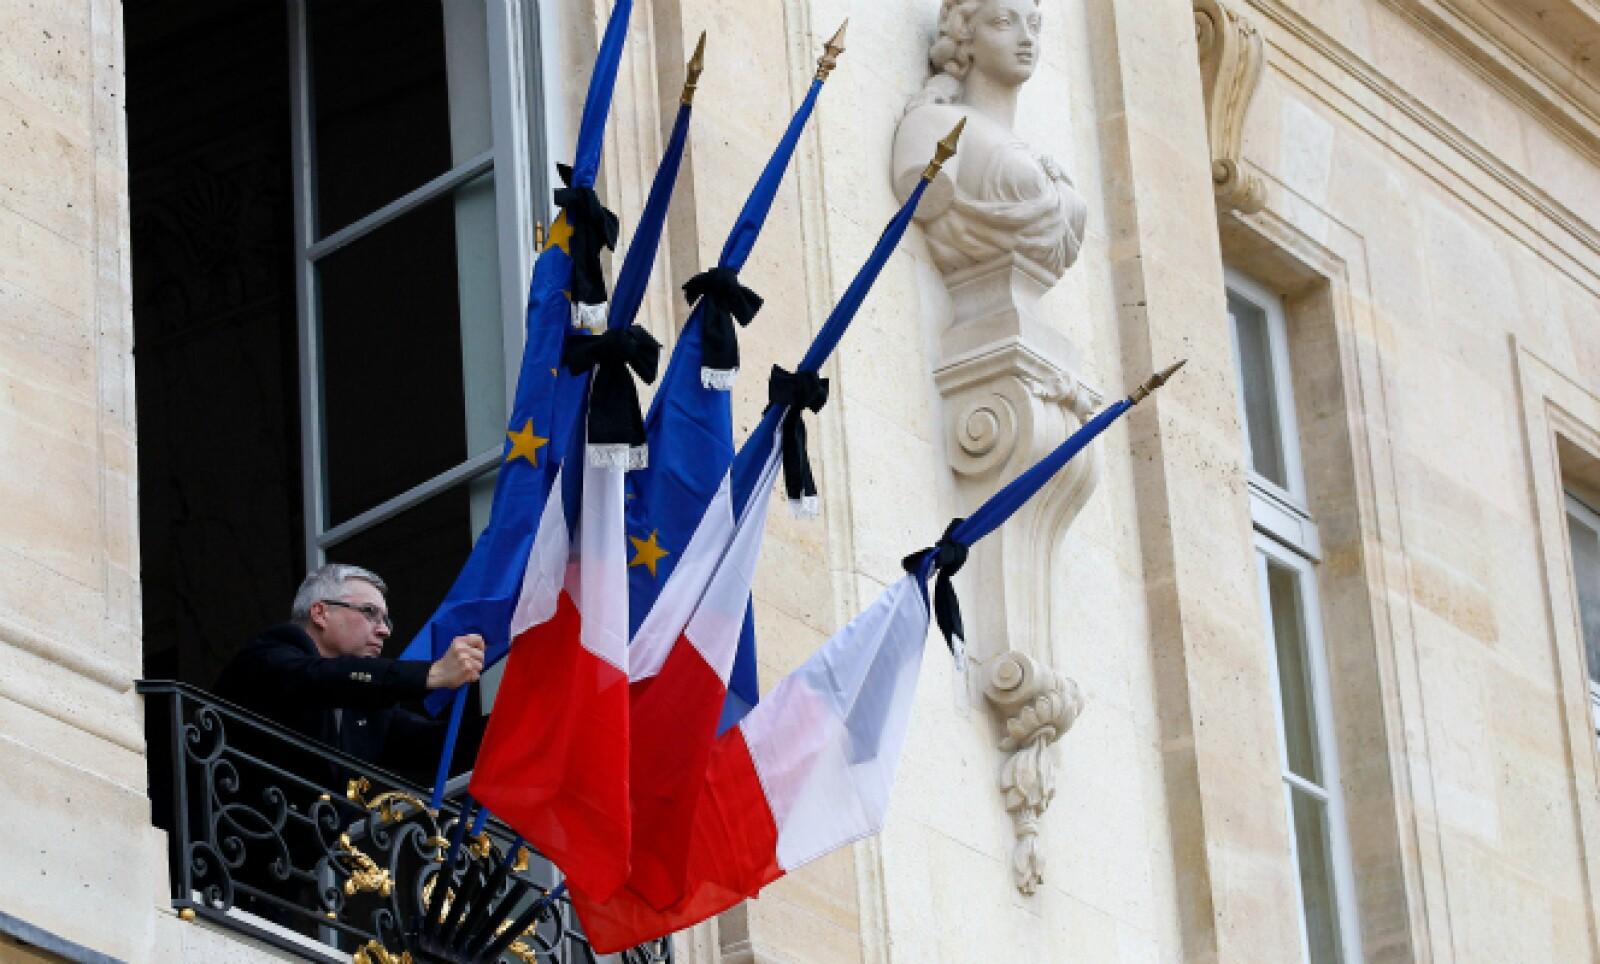 Las banderas del palacio presidencial francés son alzadas a media asta en señal de luto.